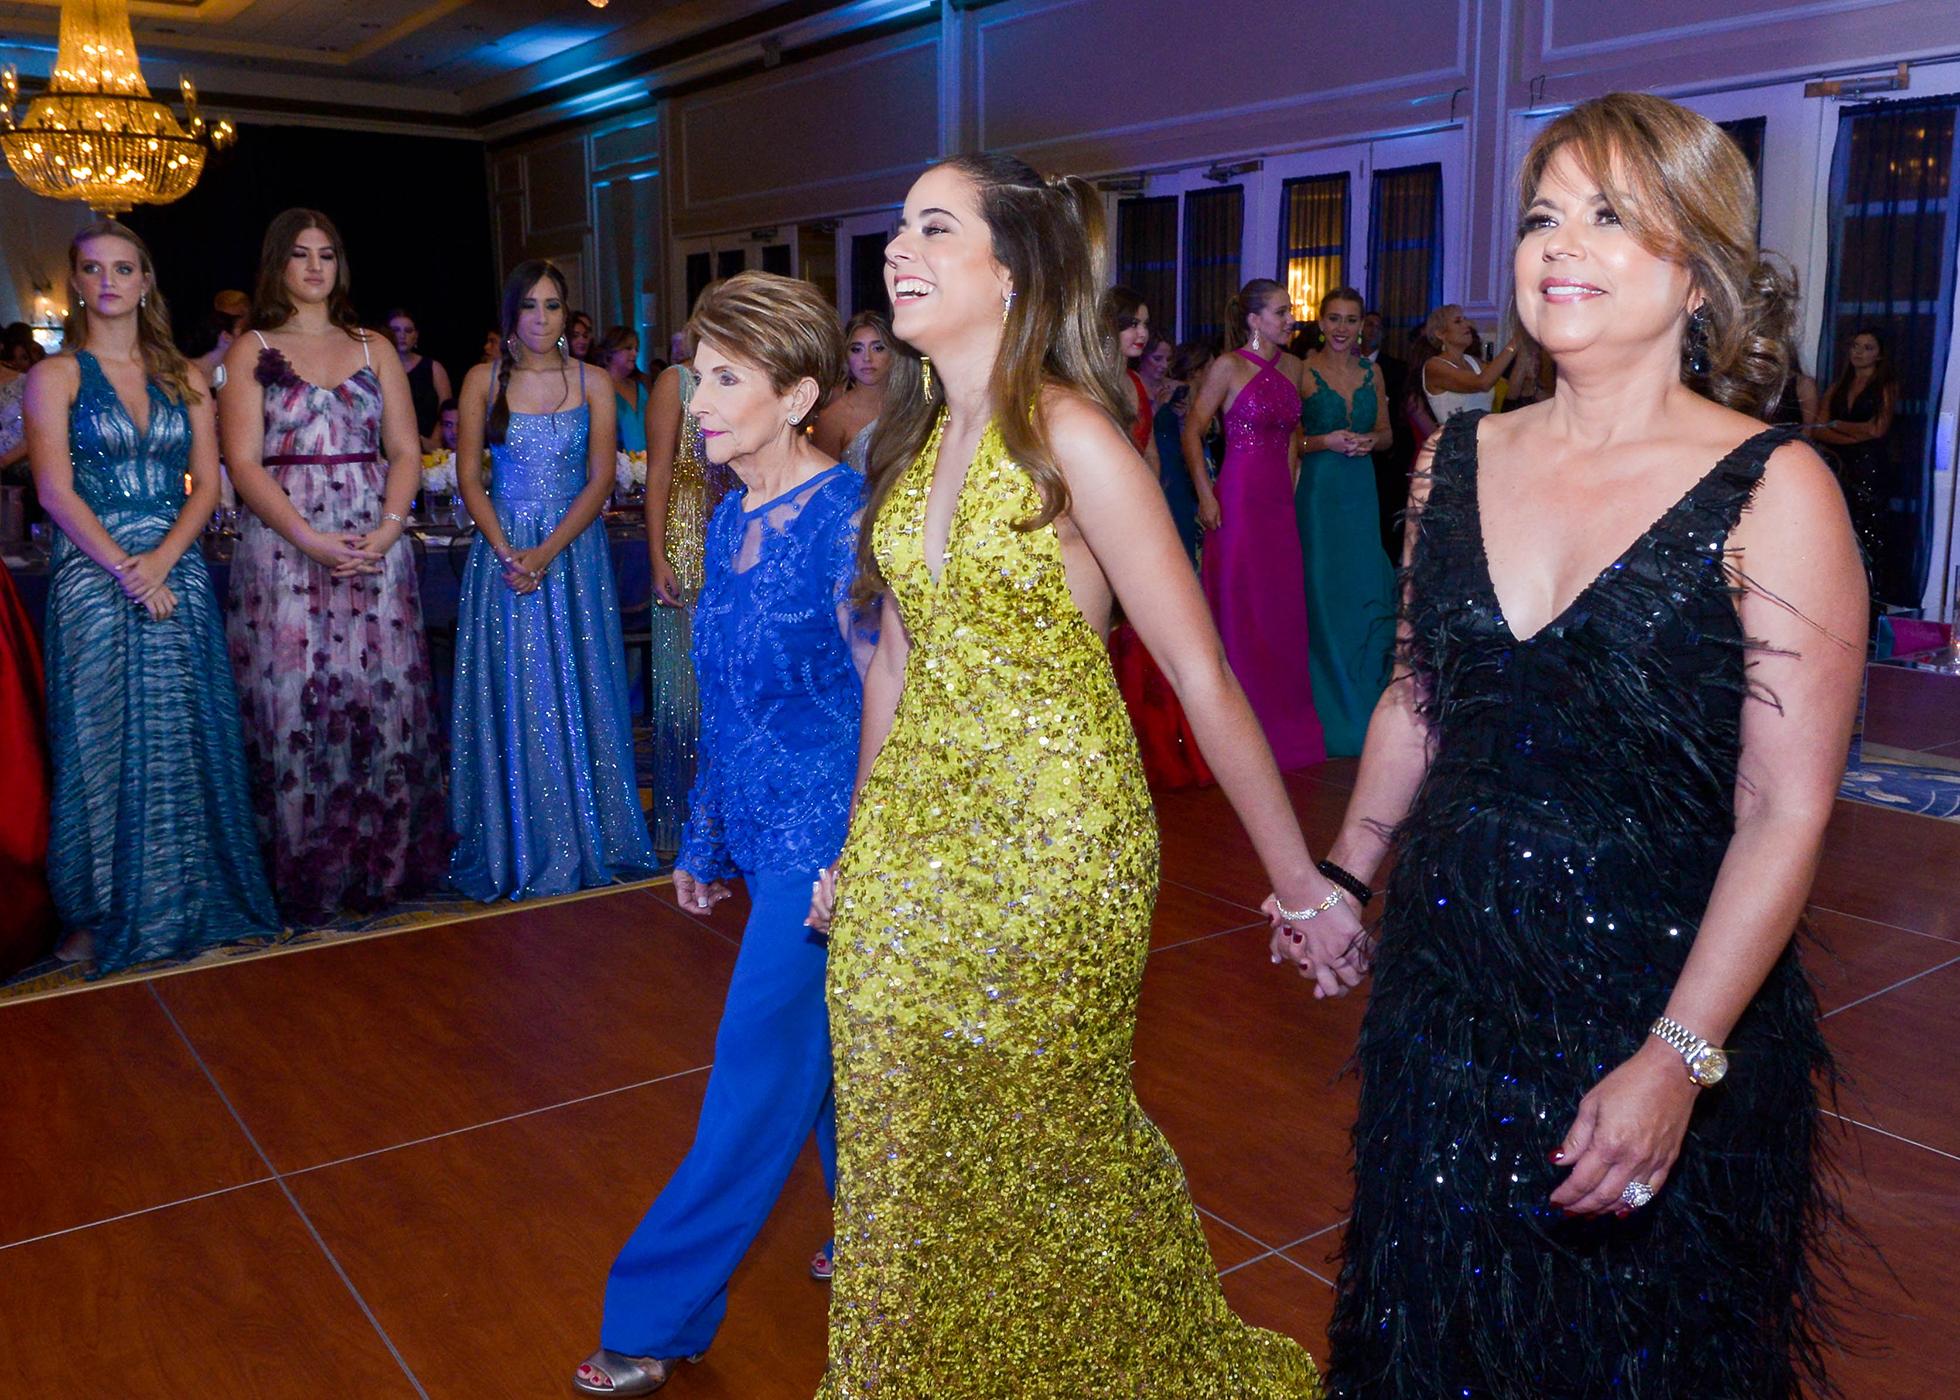 Carla Torres desfila con su abuela Priscila Colón y con su madre Priscila Dávila. Foto Enid M. Salgado Mercado